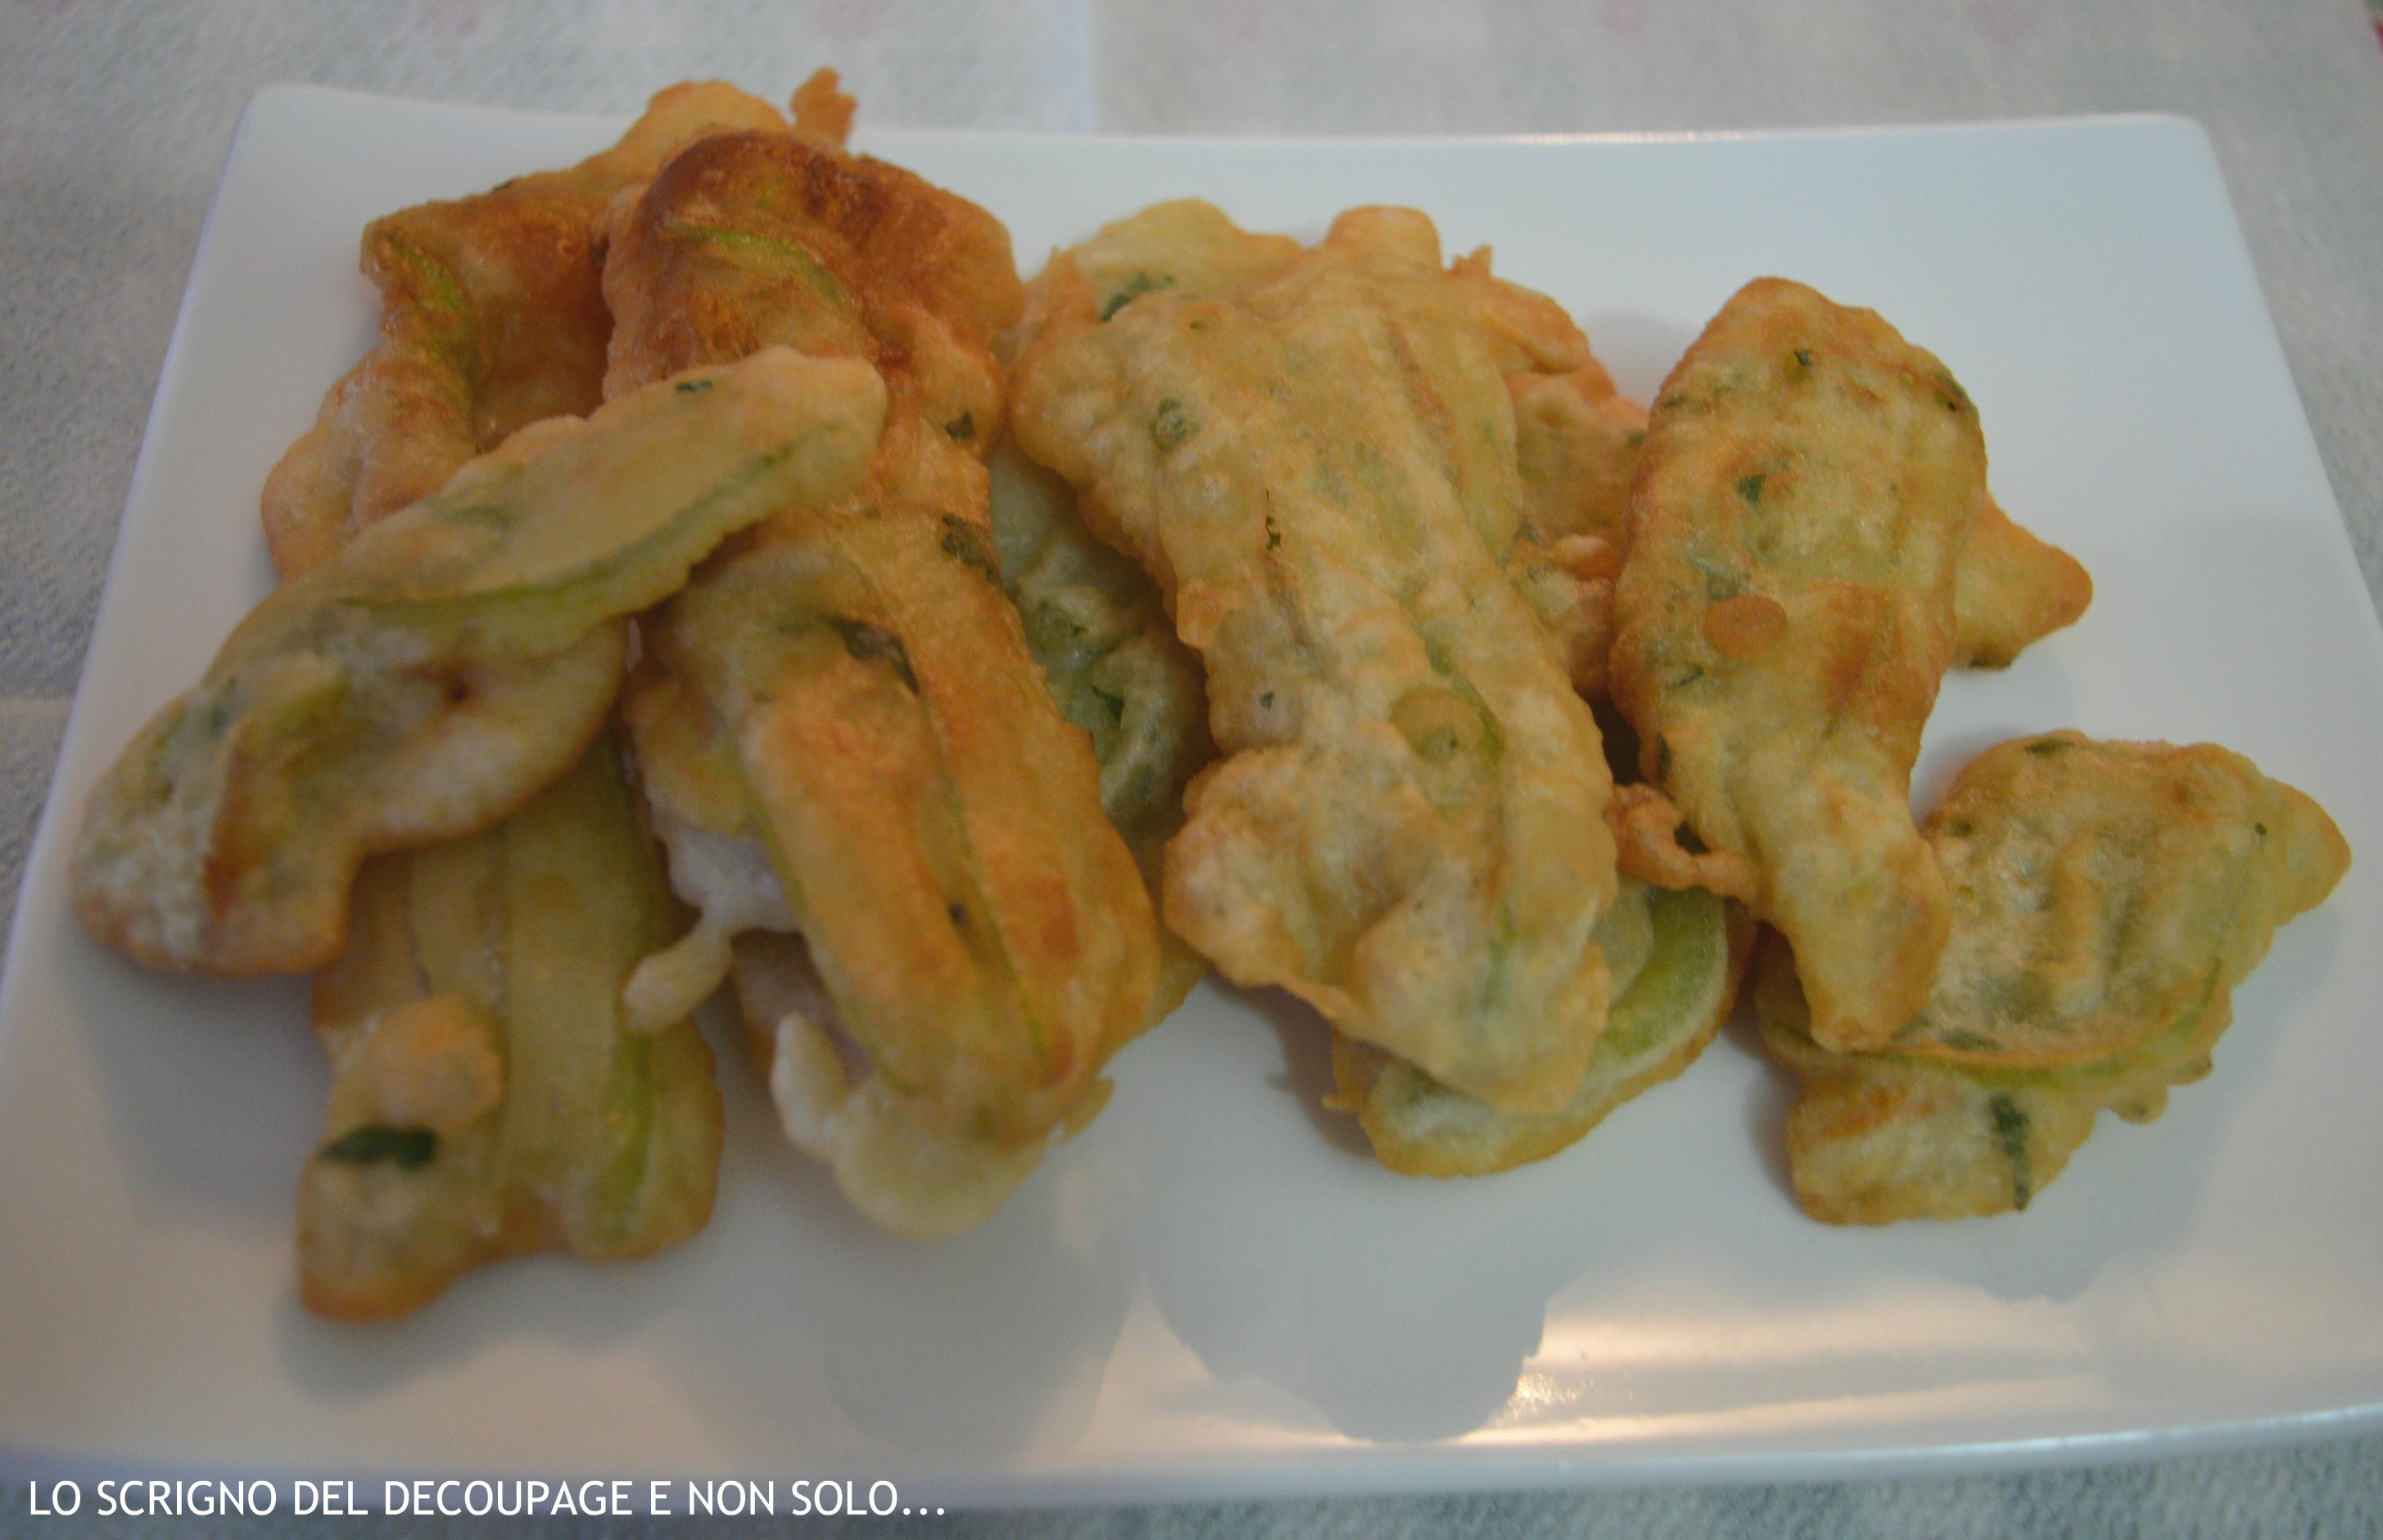 Fiori di zucchina fritti.